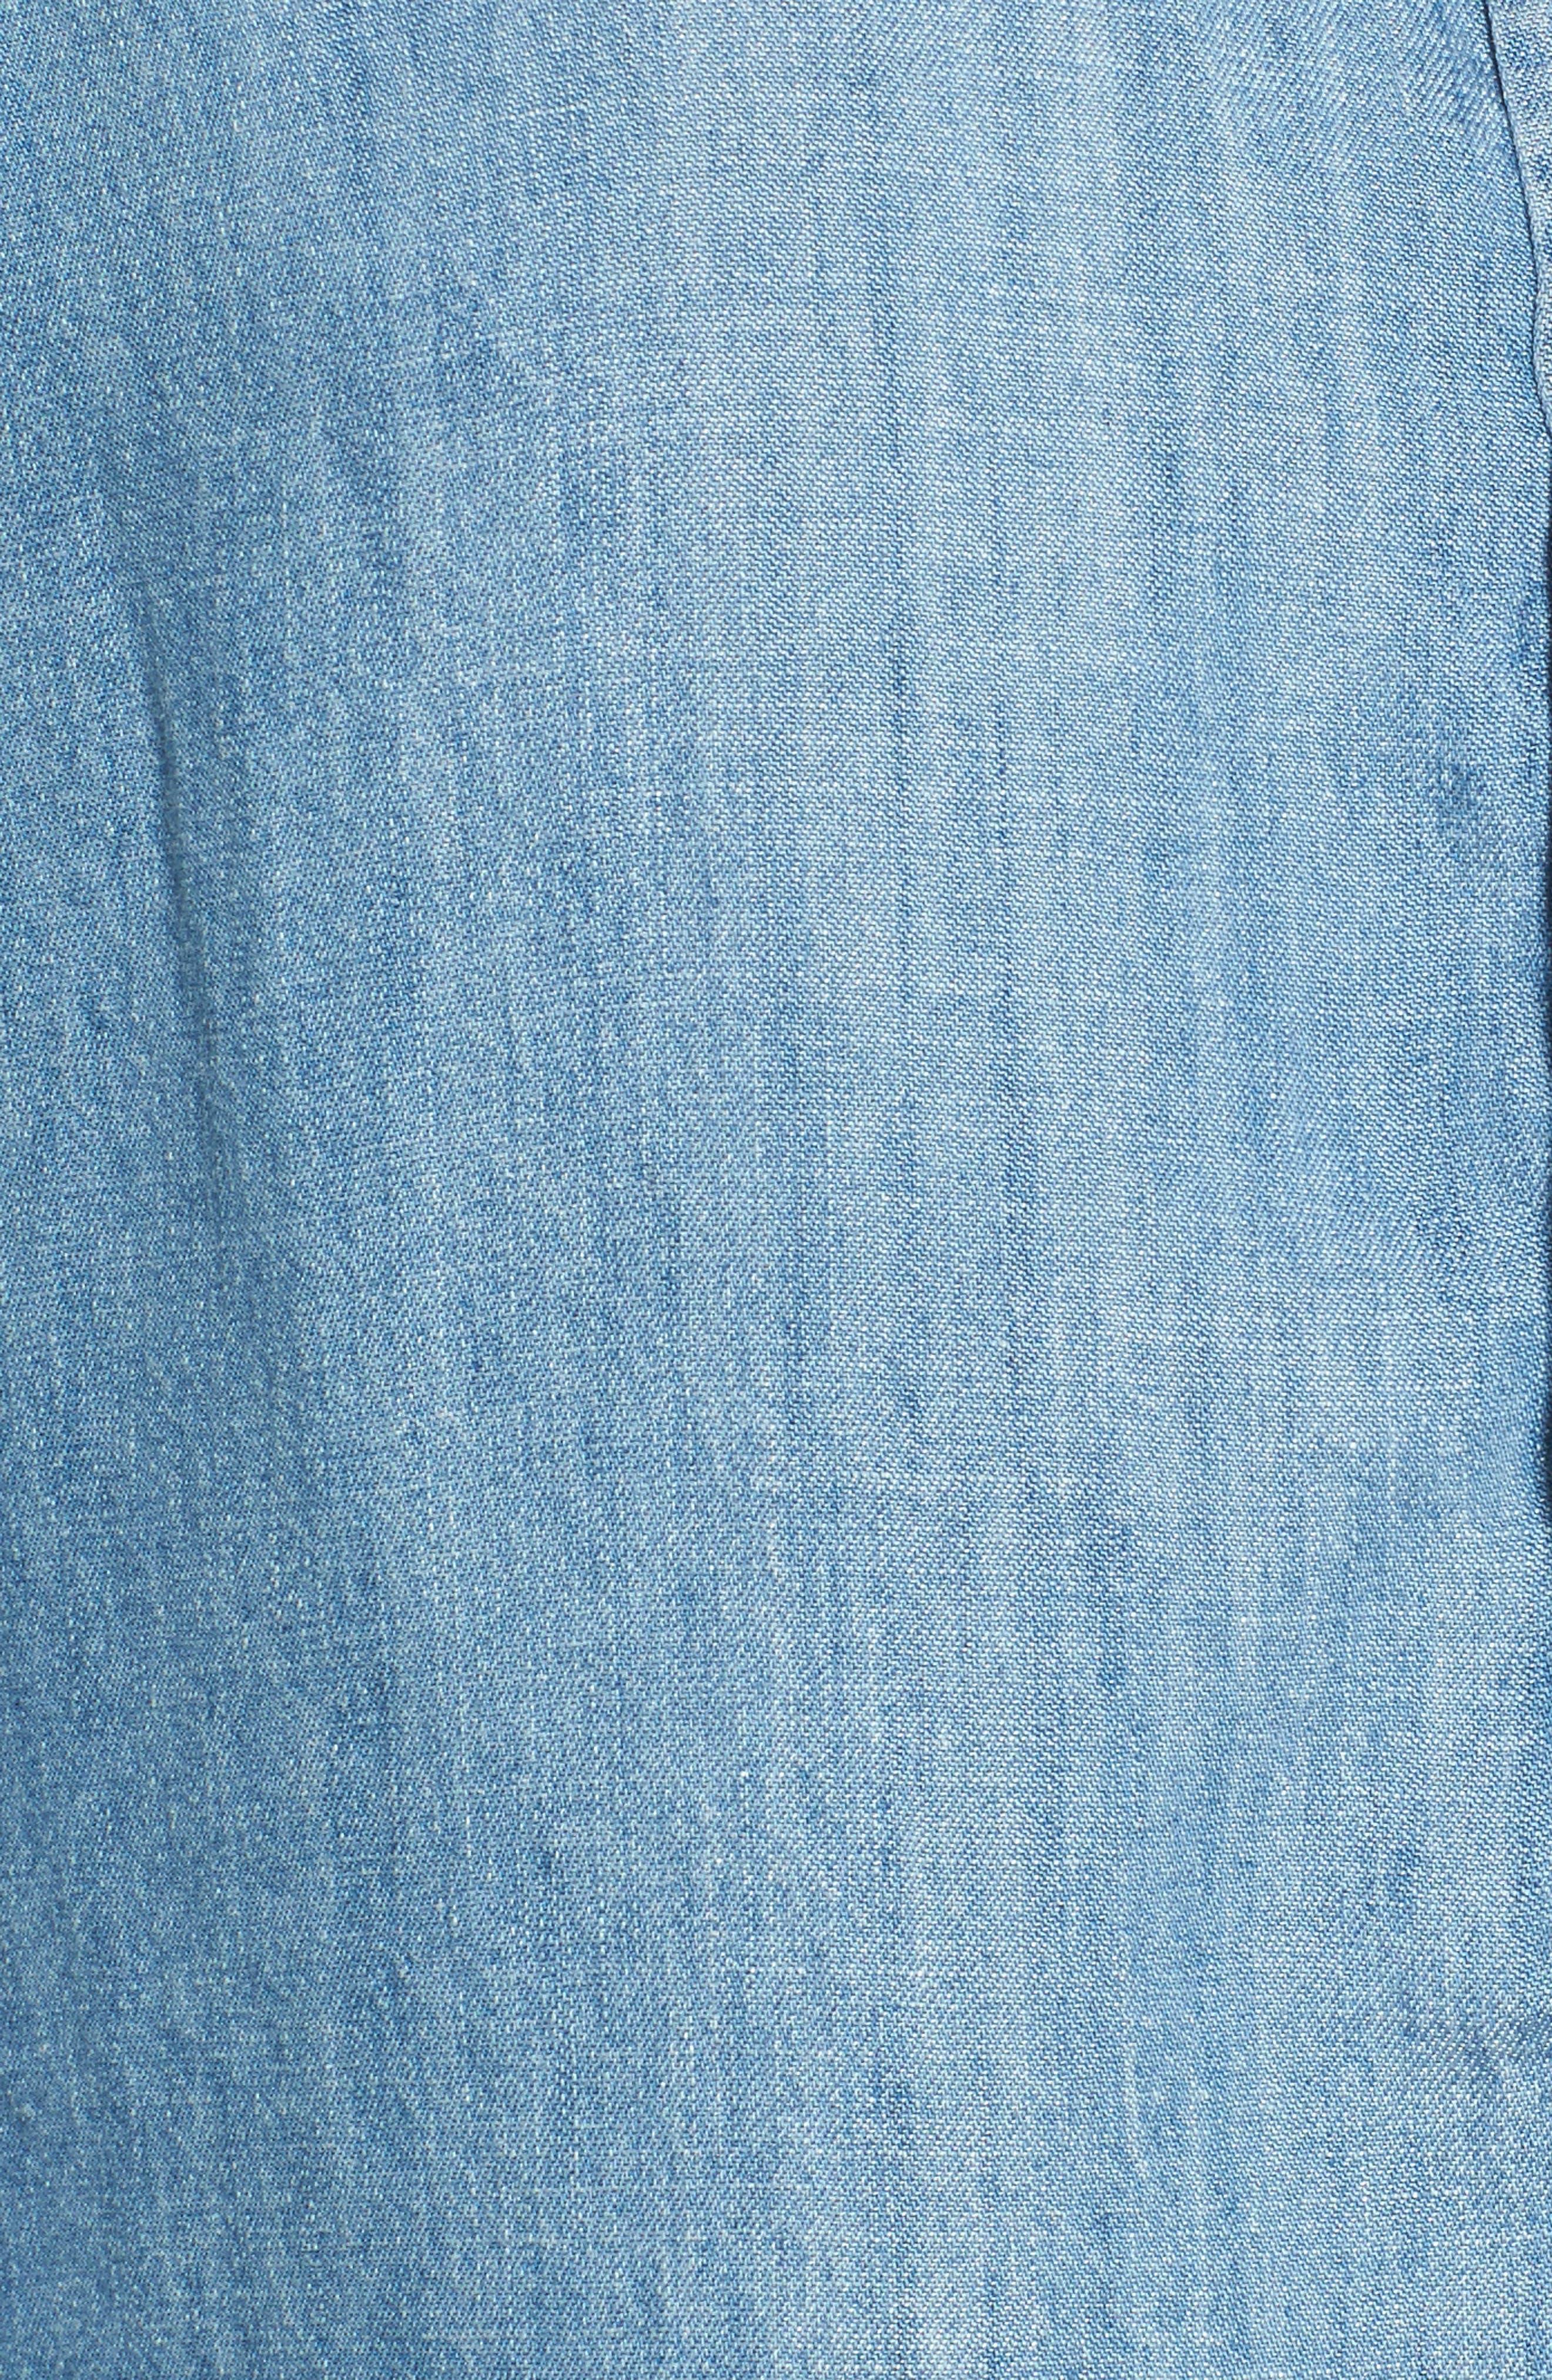 Alternate Image 5  - Rails Grommet Chambray Shirt